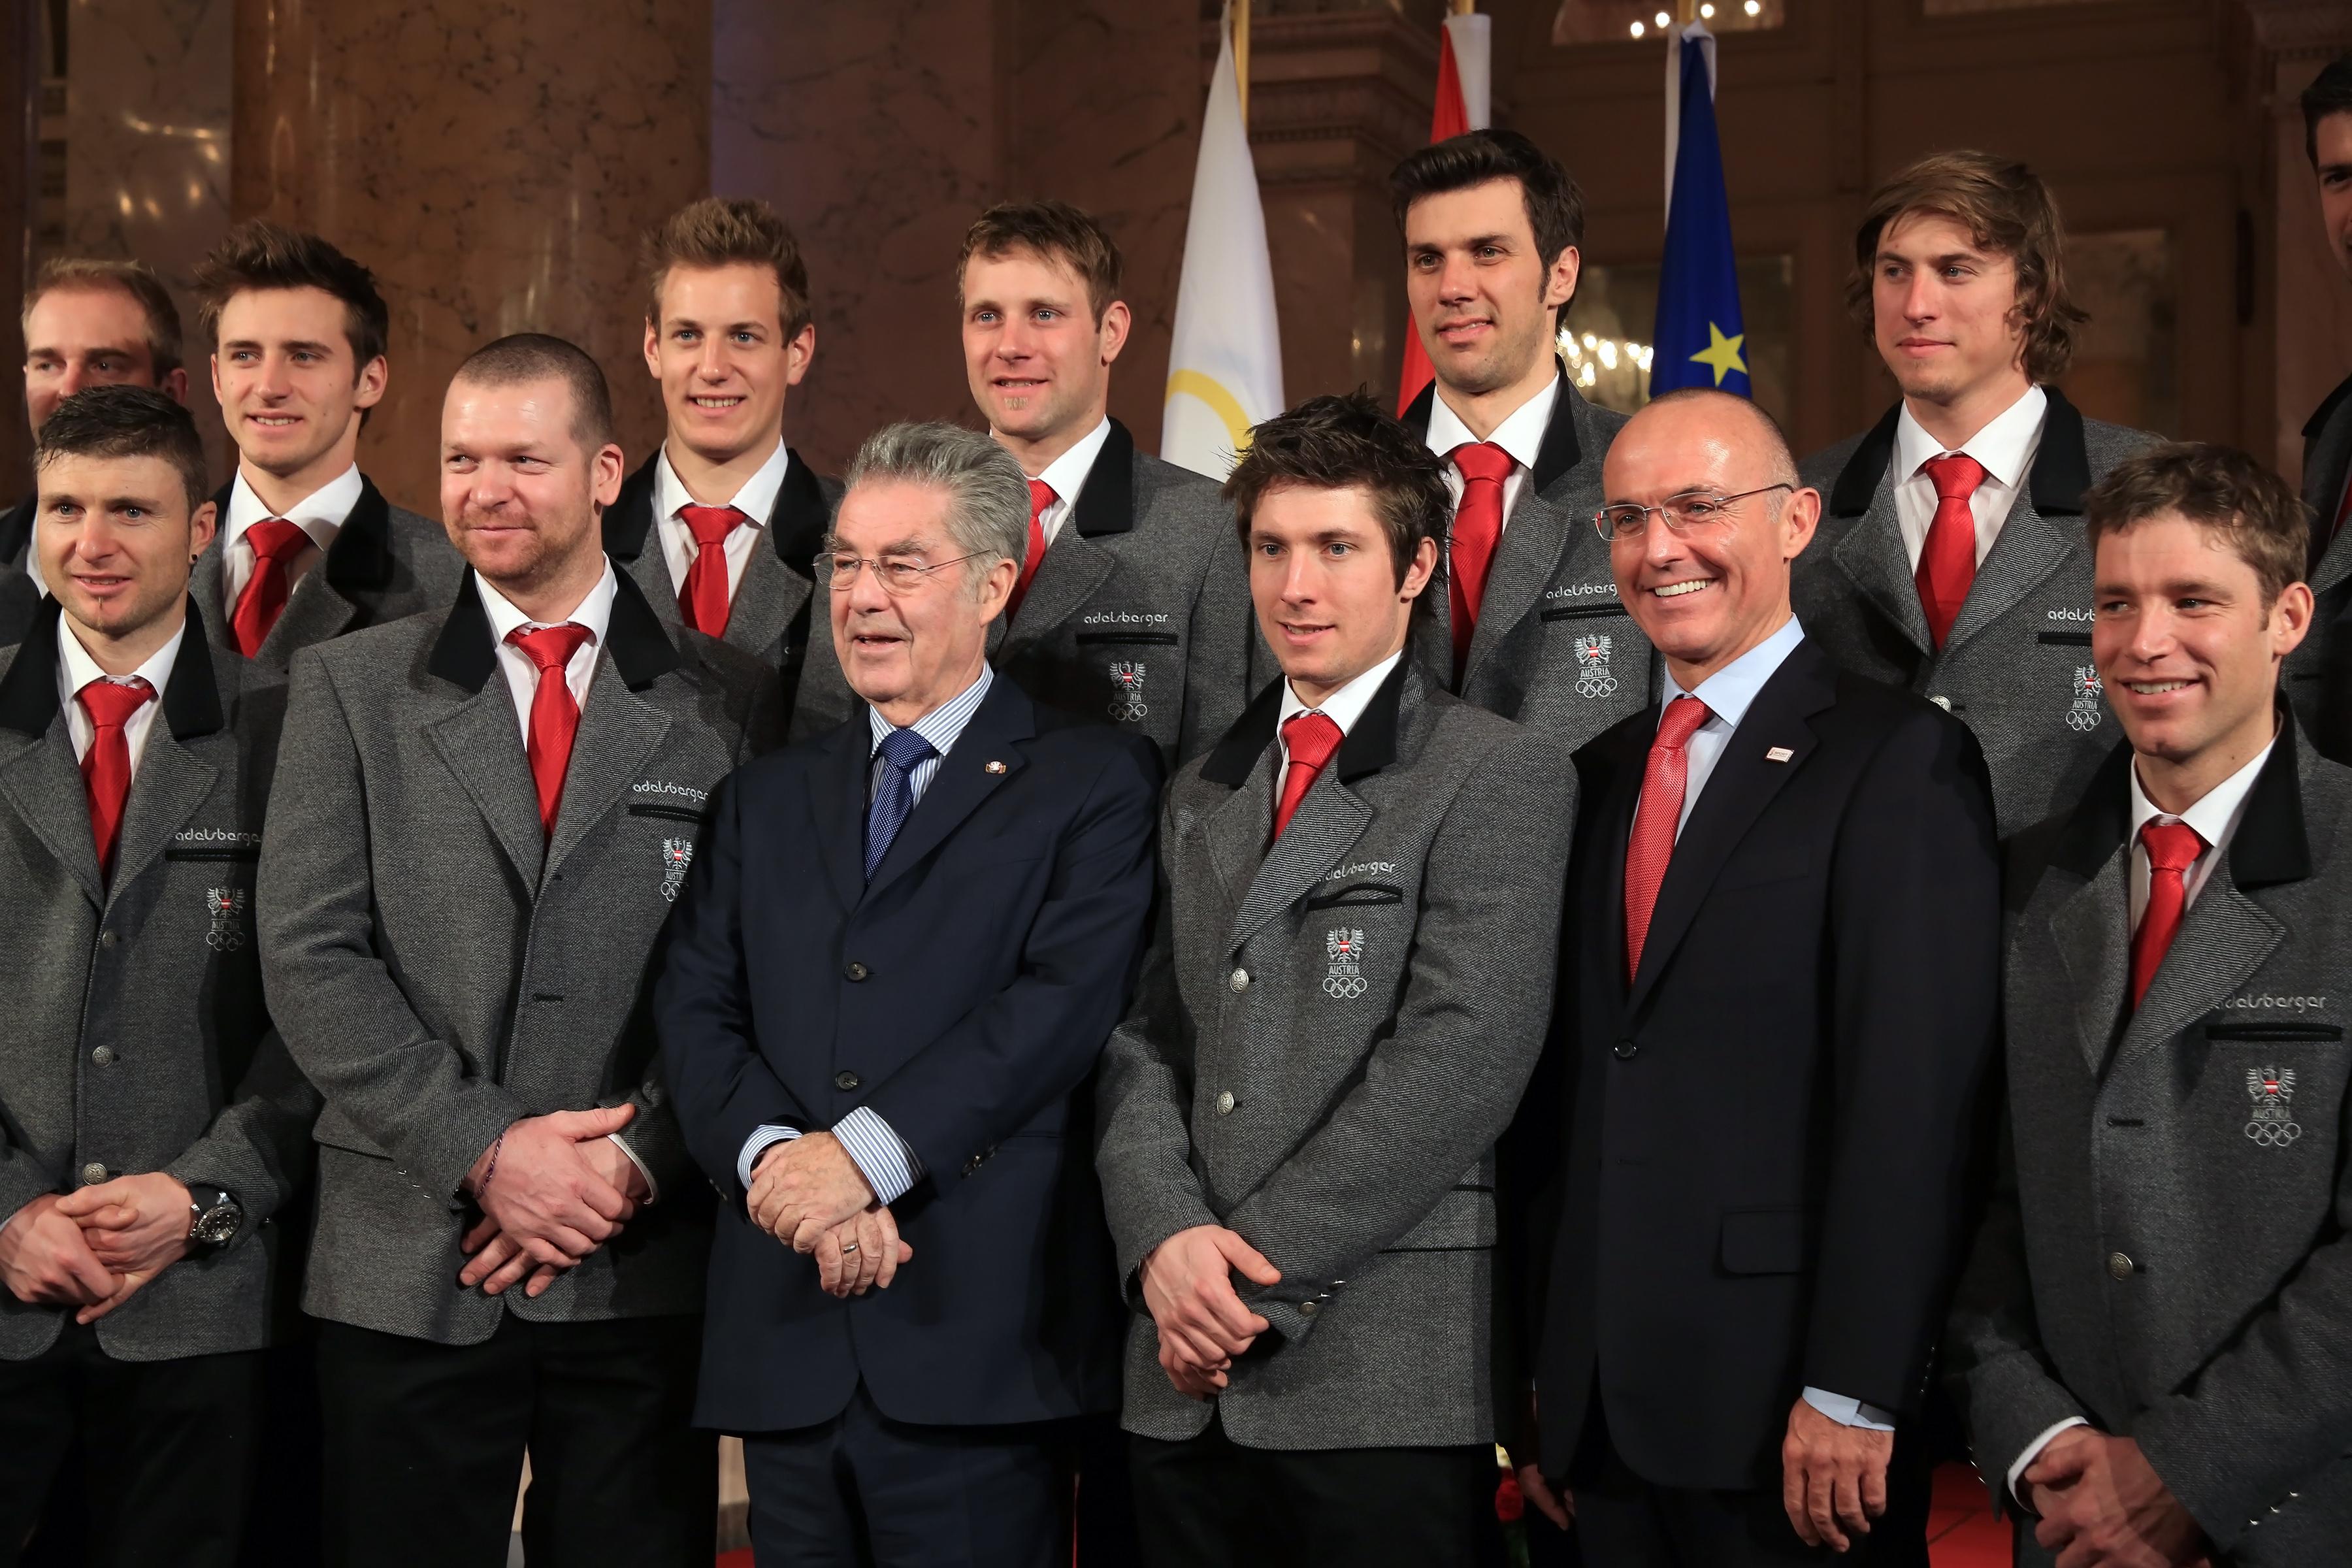 Austrian men